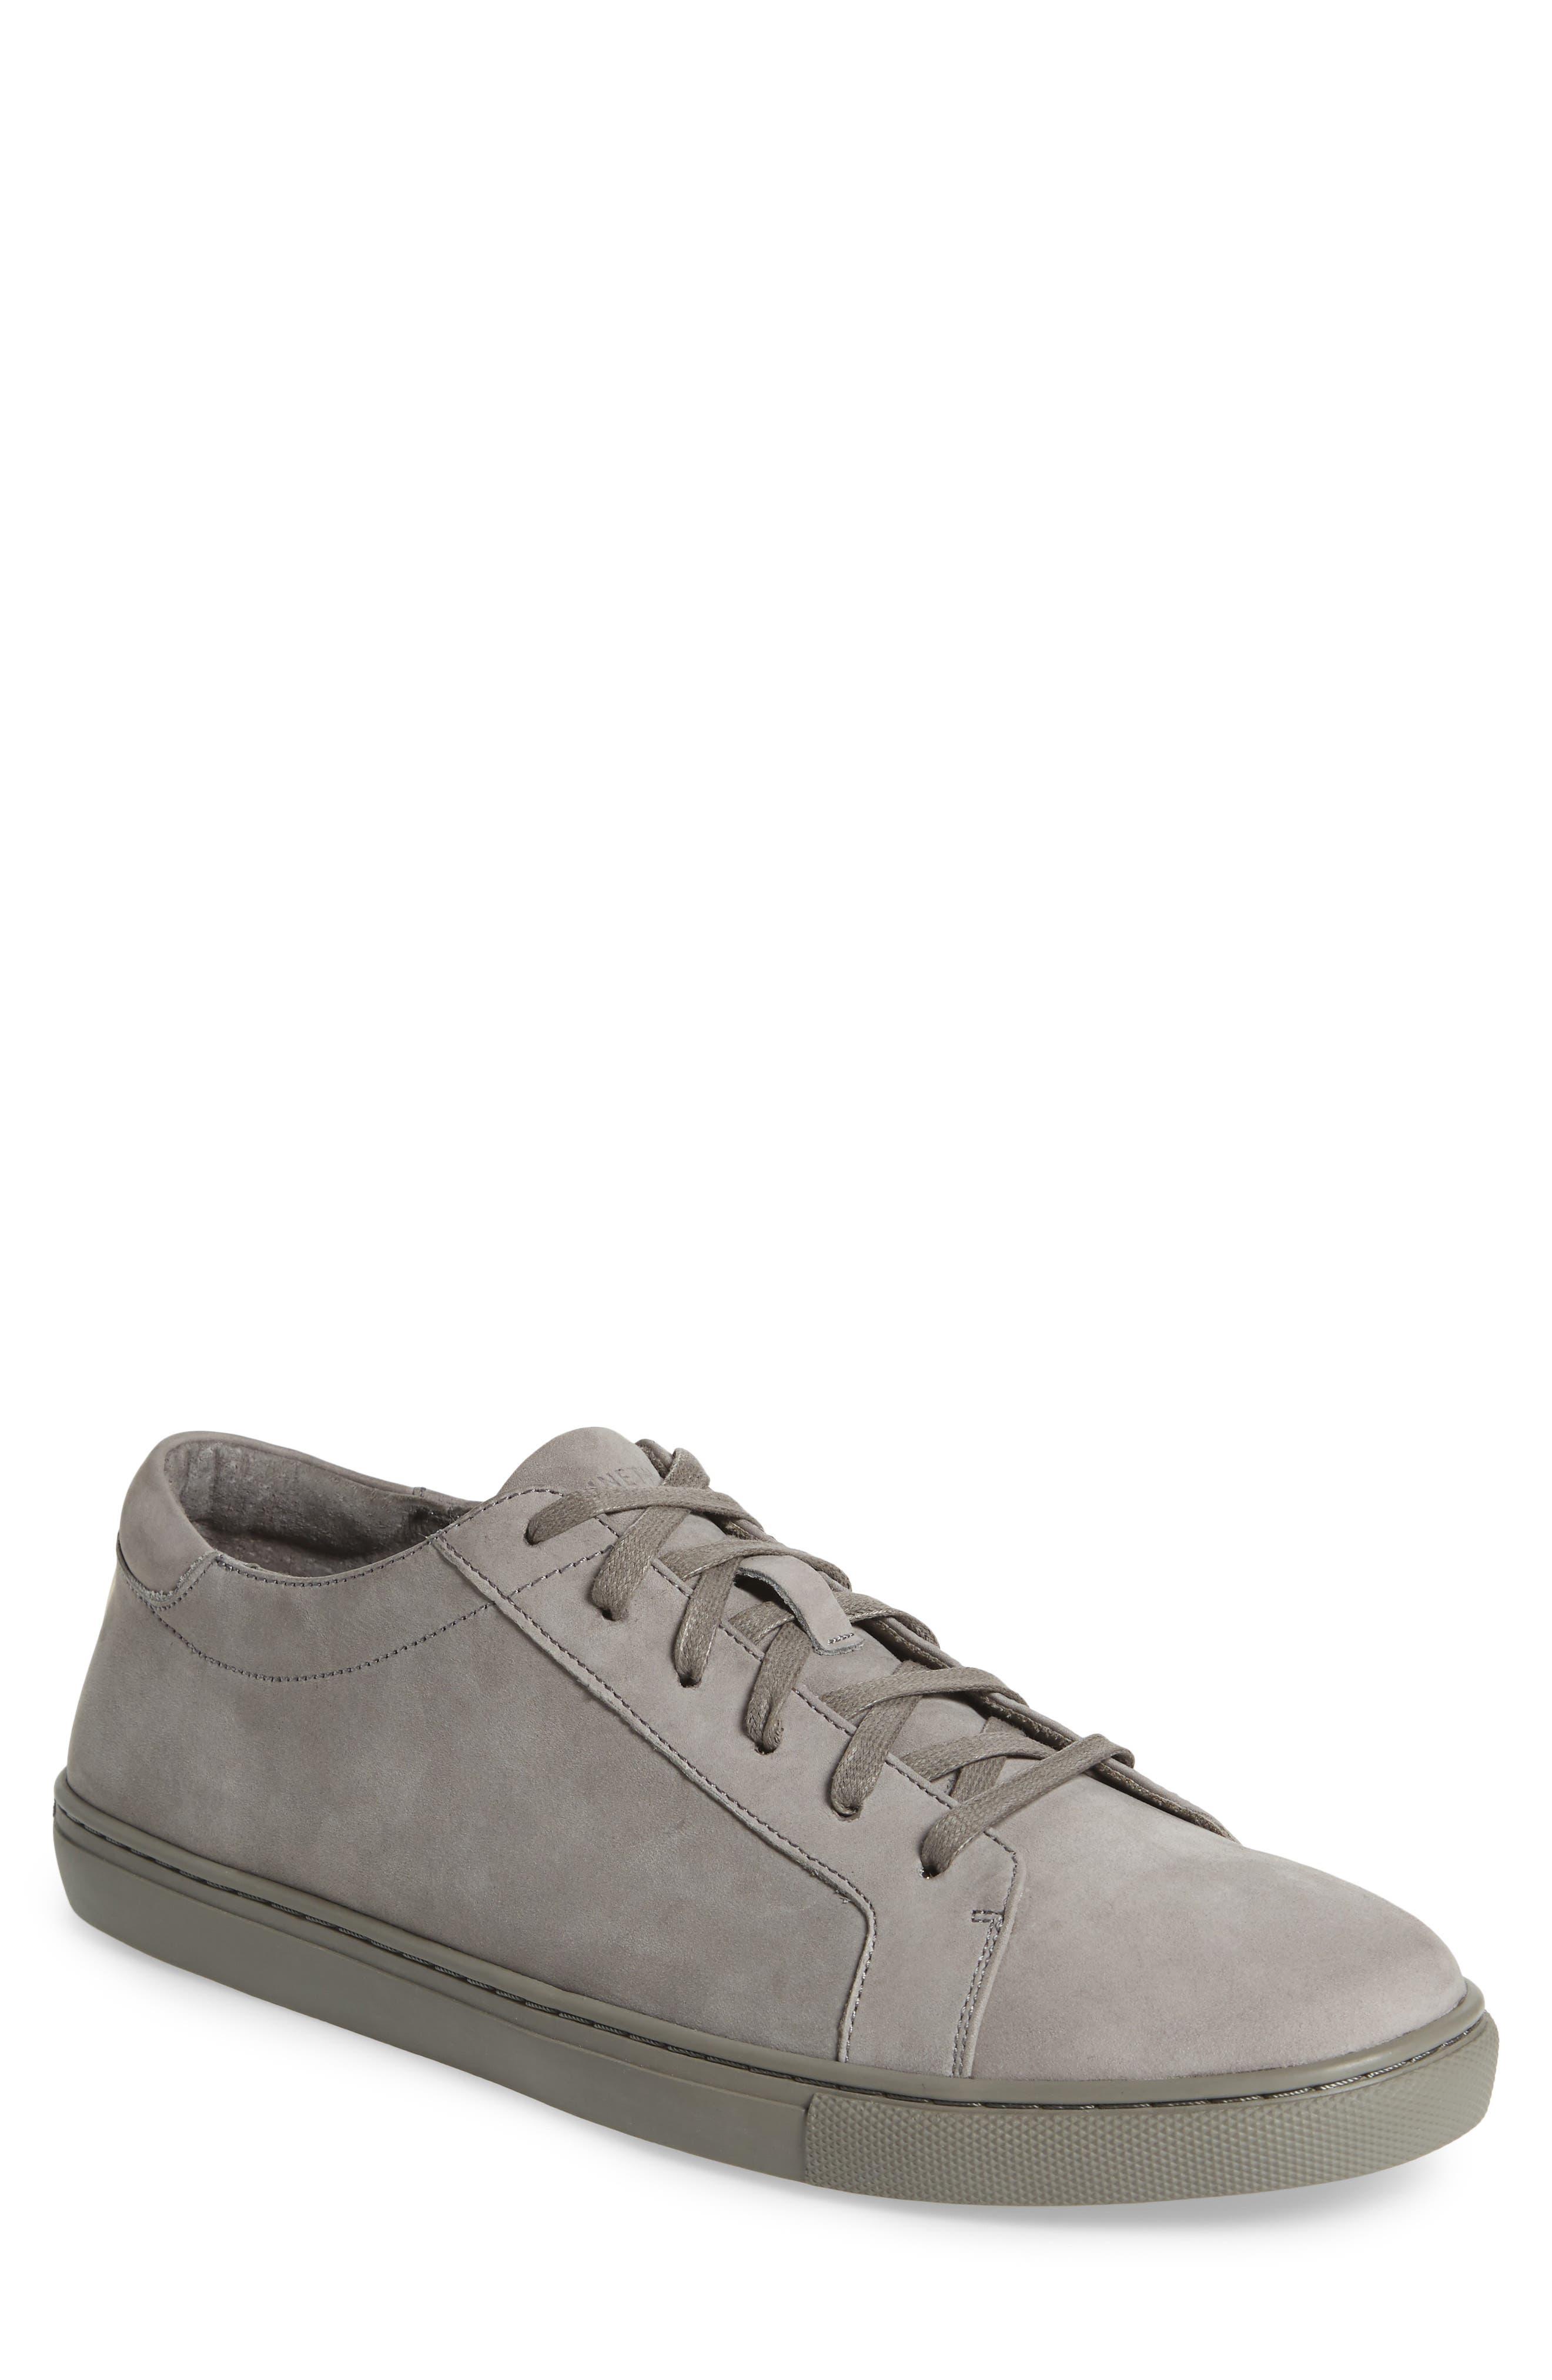 Alternate Image 1 Selected - Kenneth Cole New York Kam Sneaker (Men)